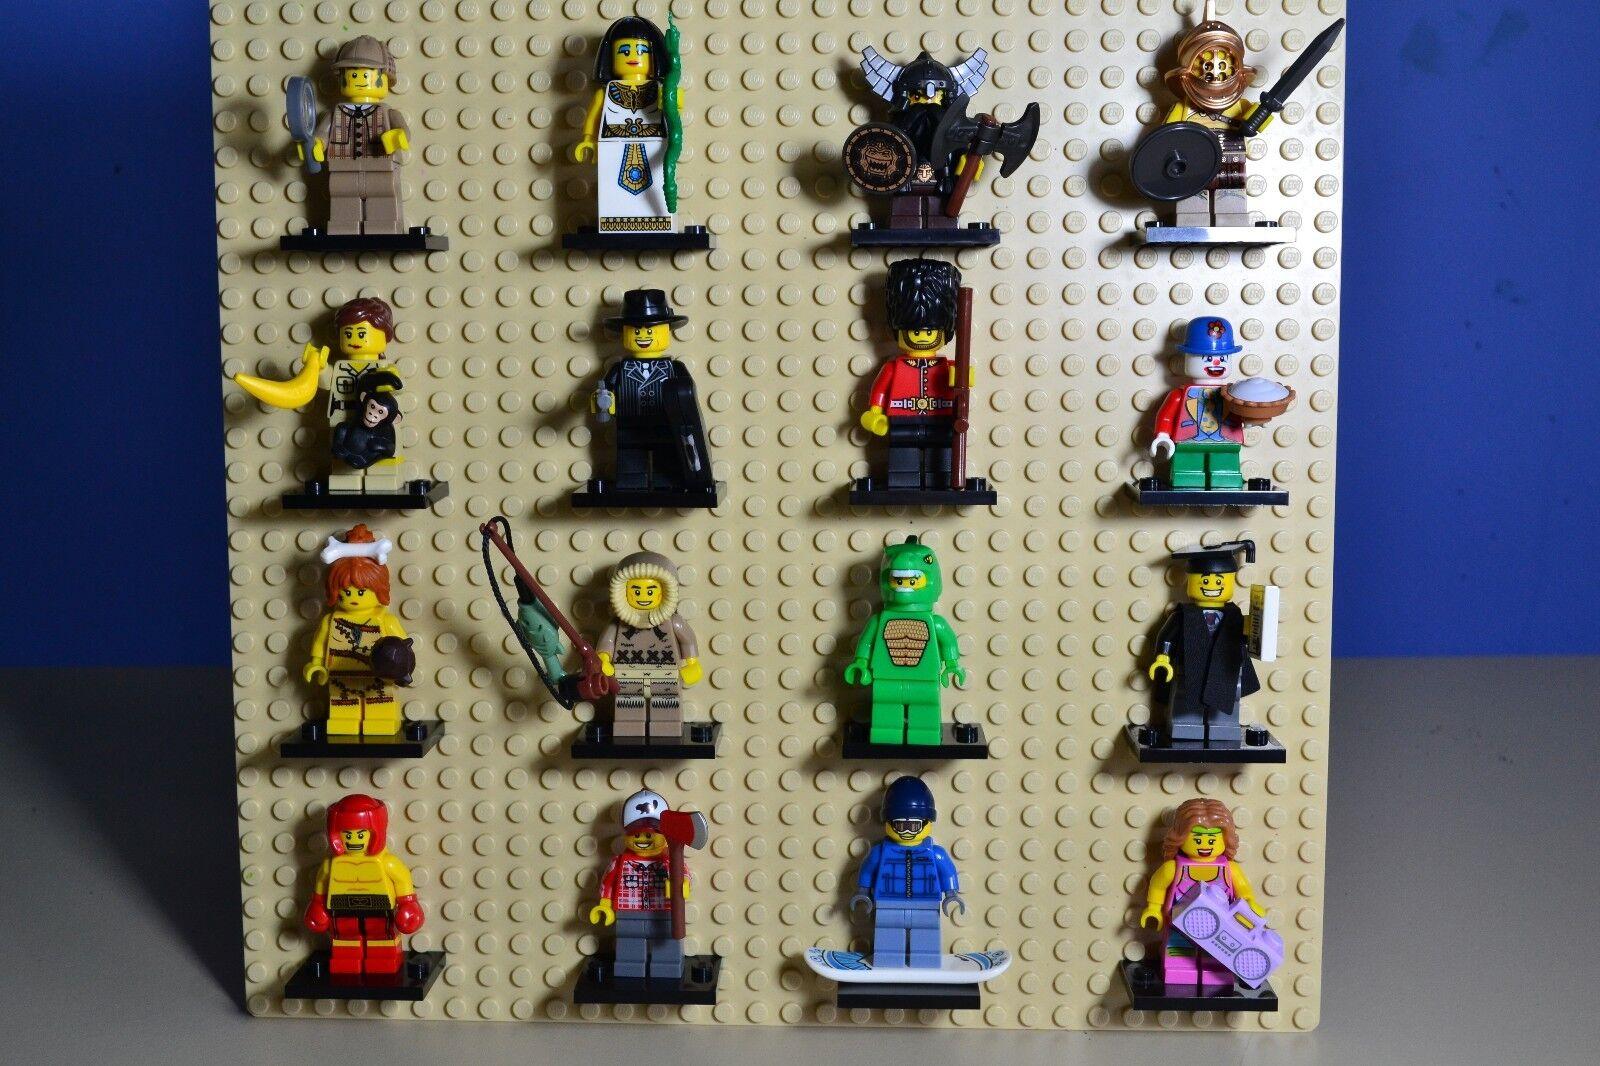 Lego Serie 5 juego completo de 16 MINIFIGURA S (8805)